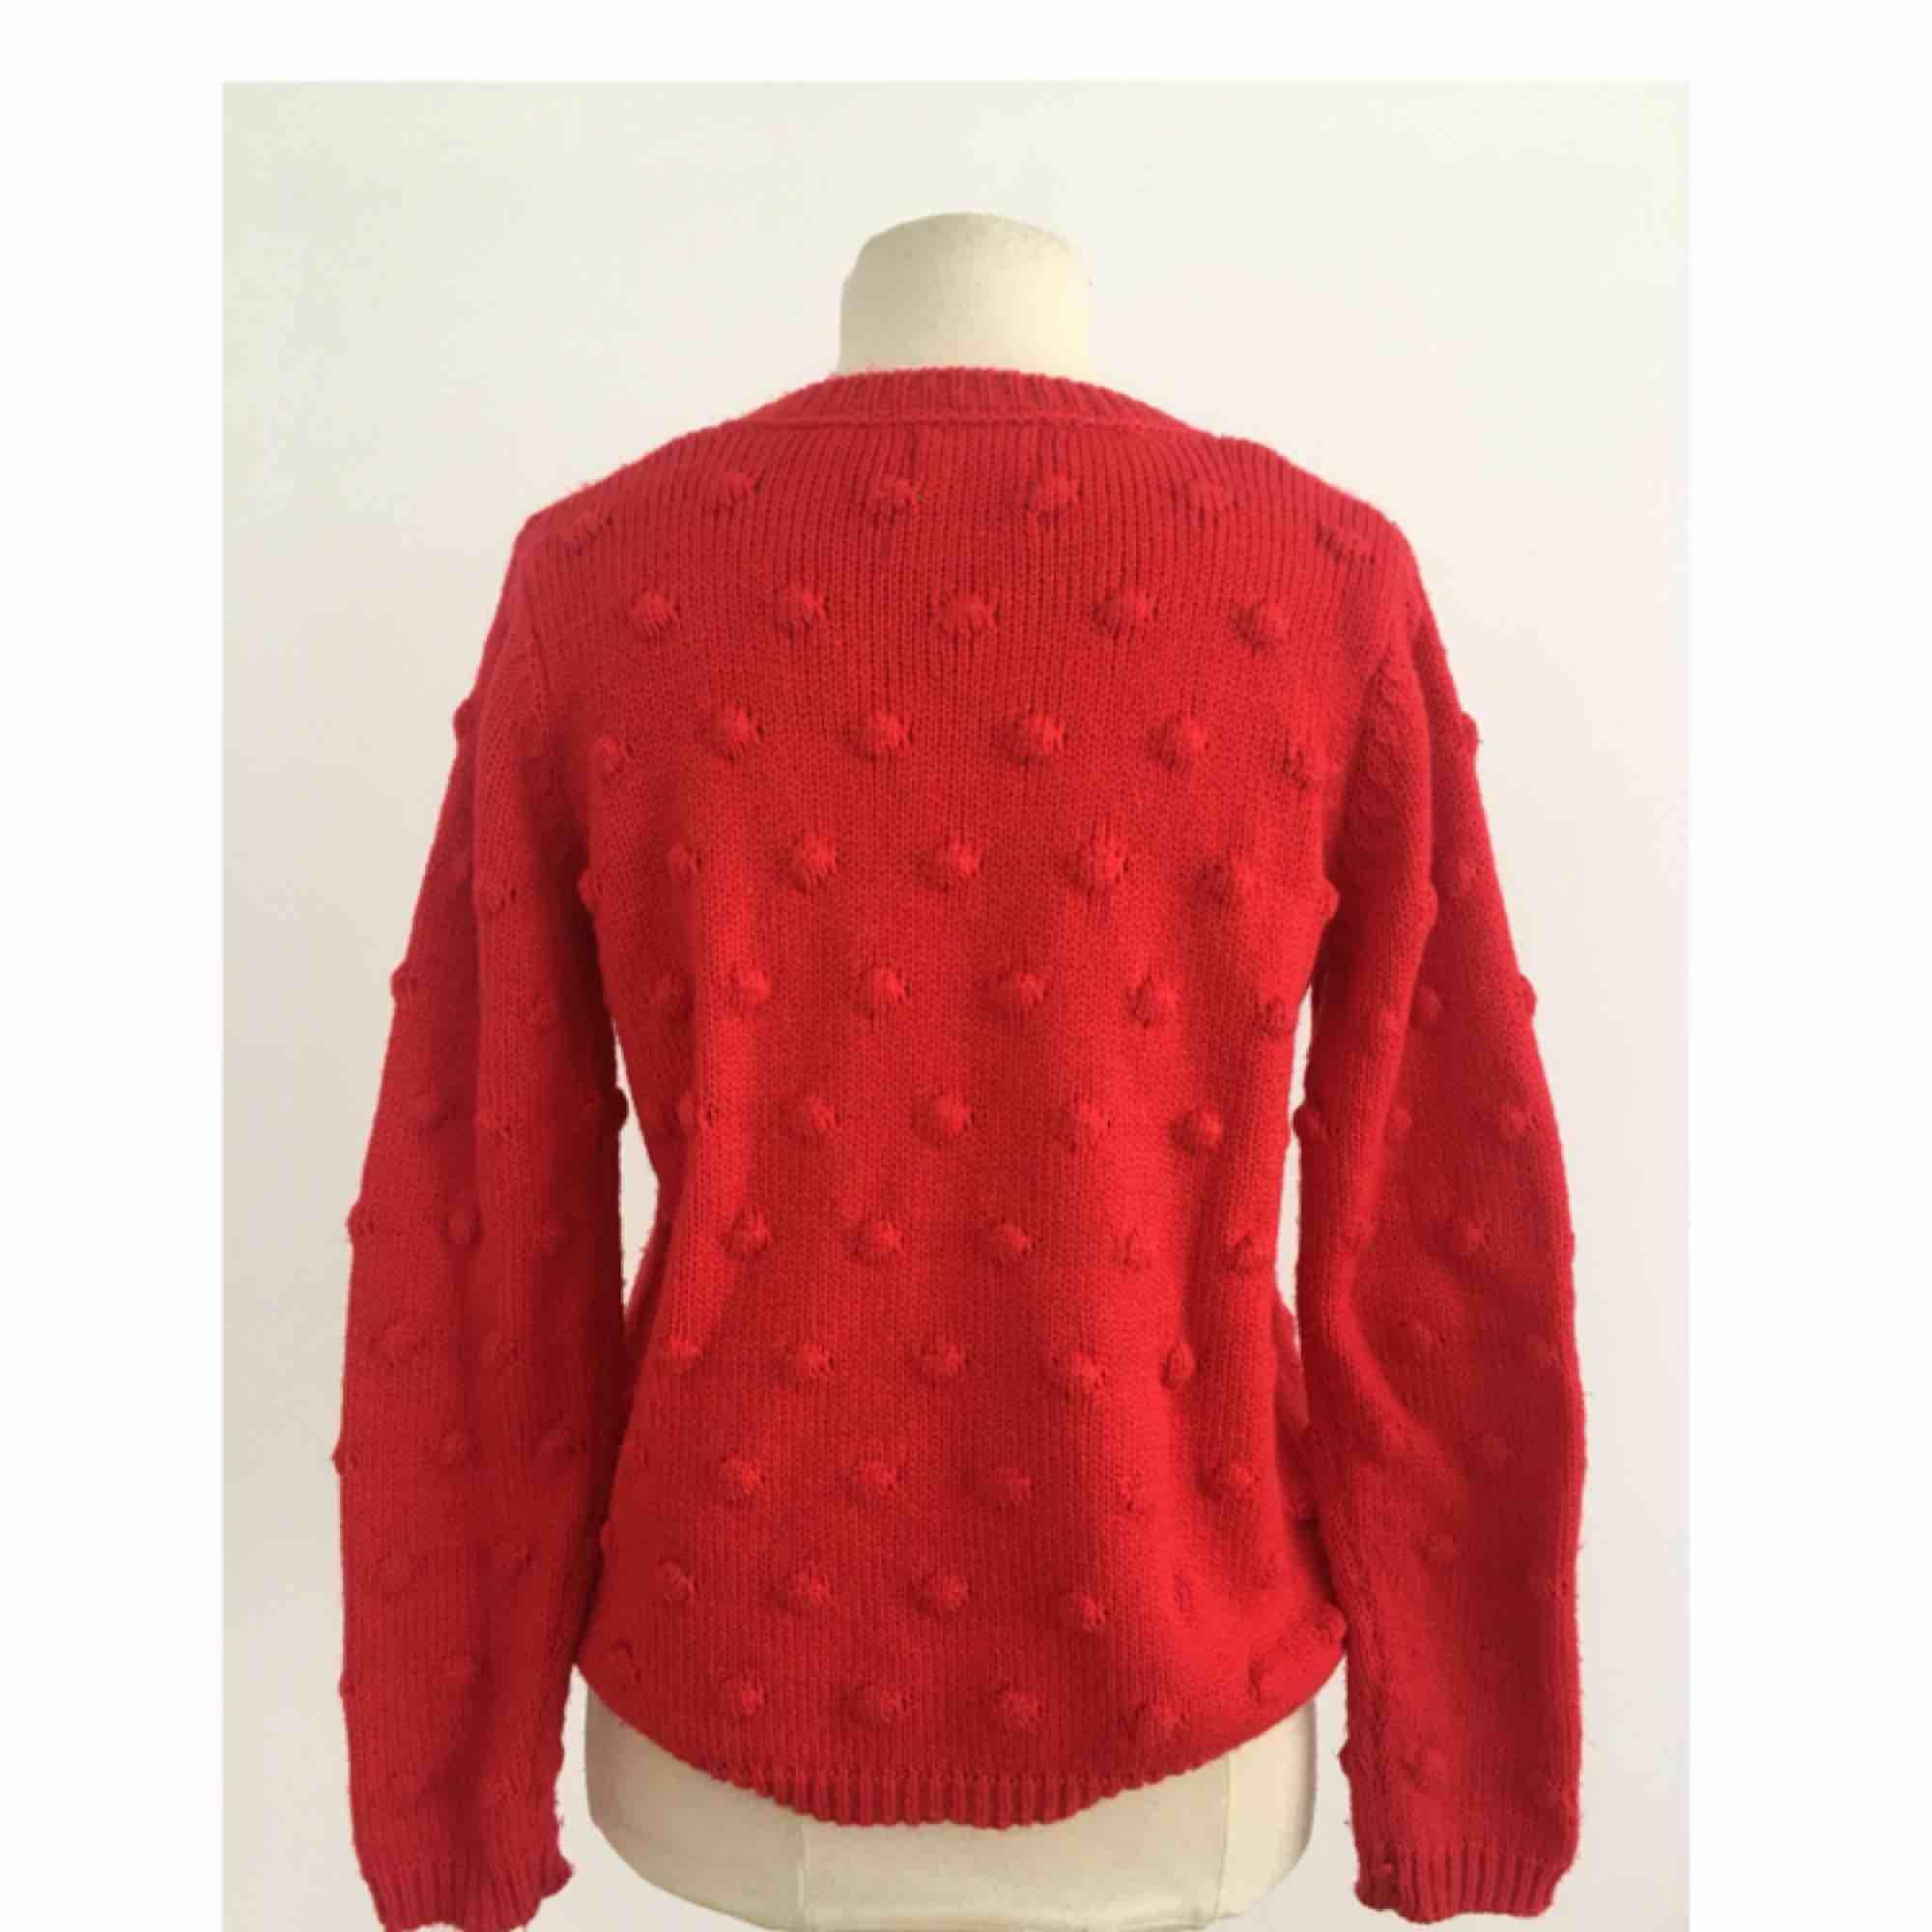 Stickad tröja i skönt material.  Märke: Holly & Whyte for Lindex. Storlek: S Skick: Mycket gott. Använd två gånger.  Pris: 100 kronor eller bud.   . Stickat.